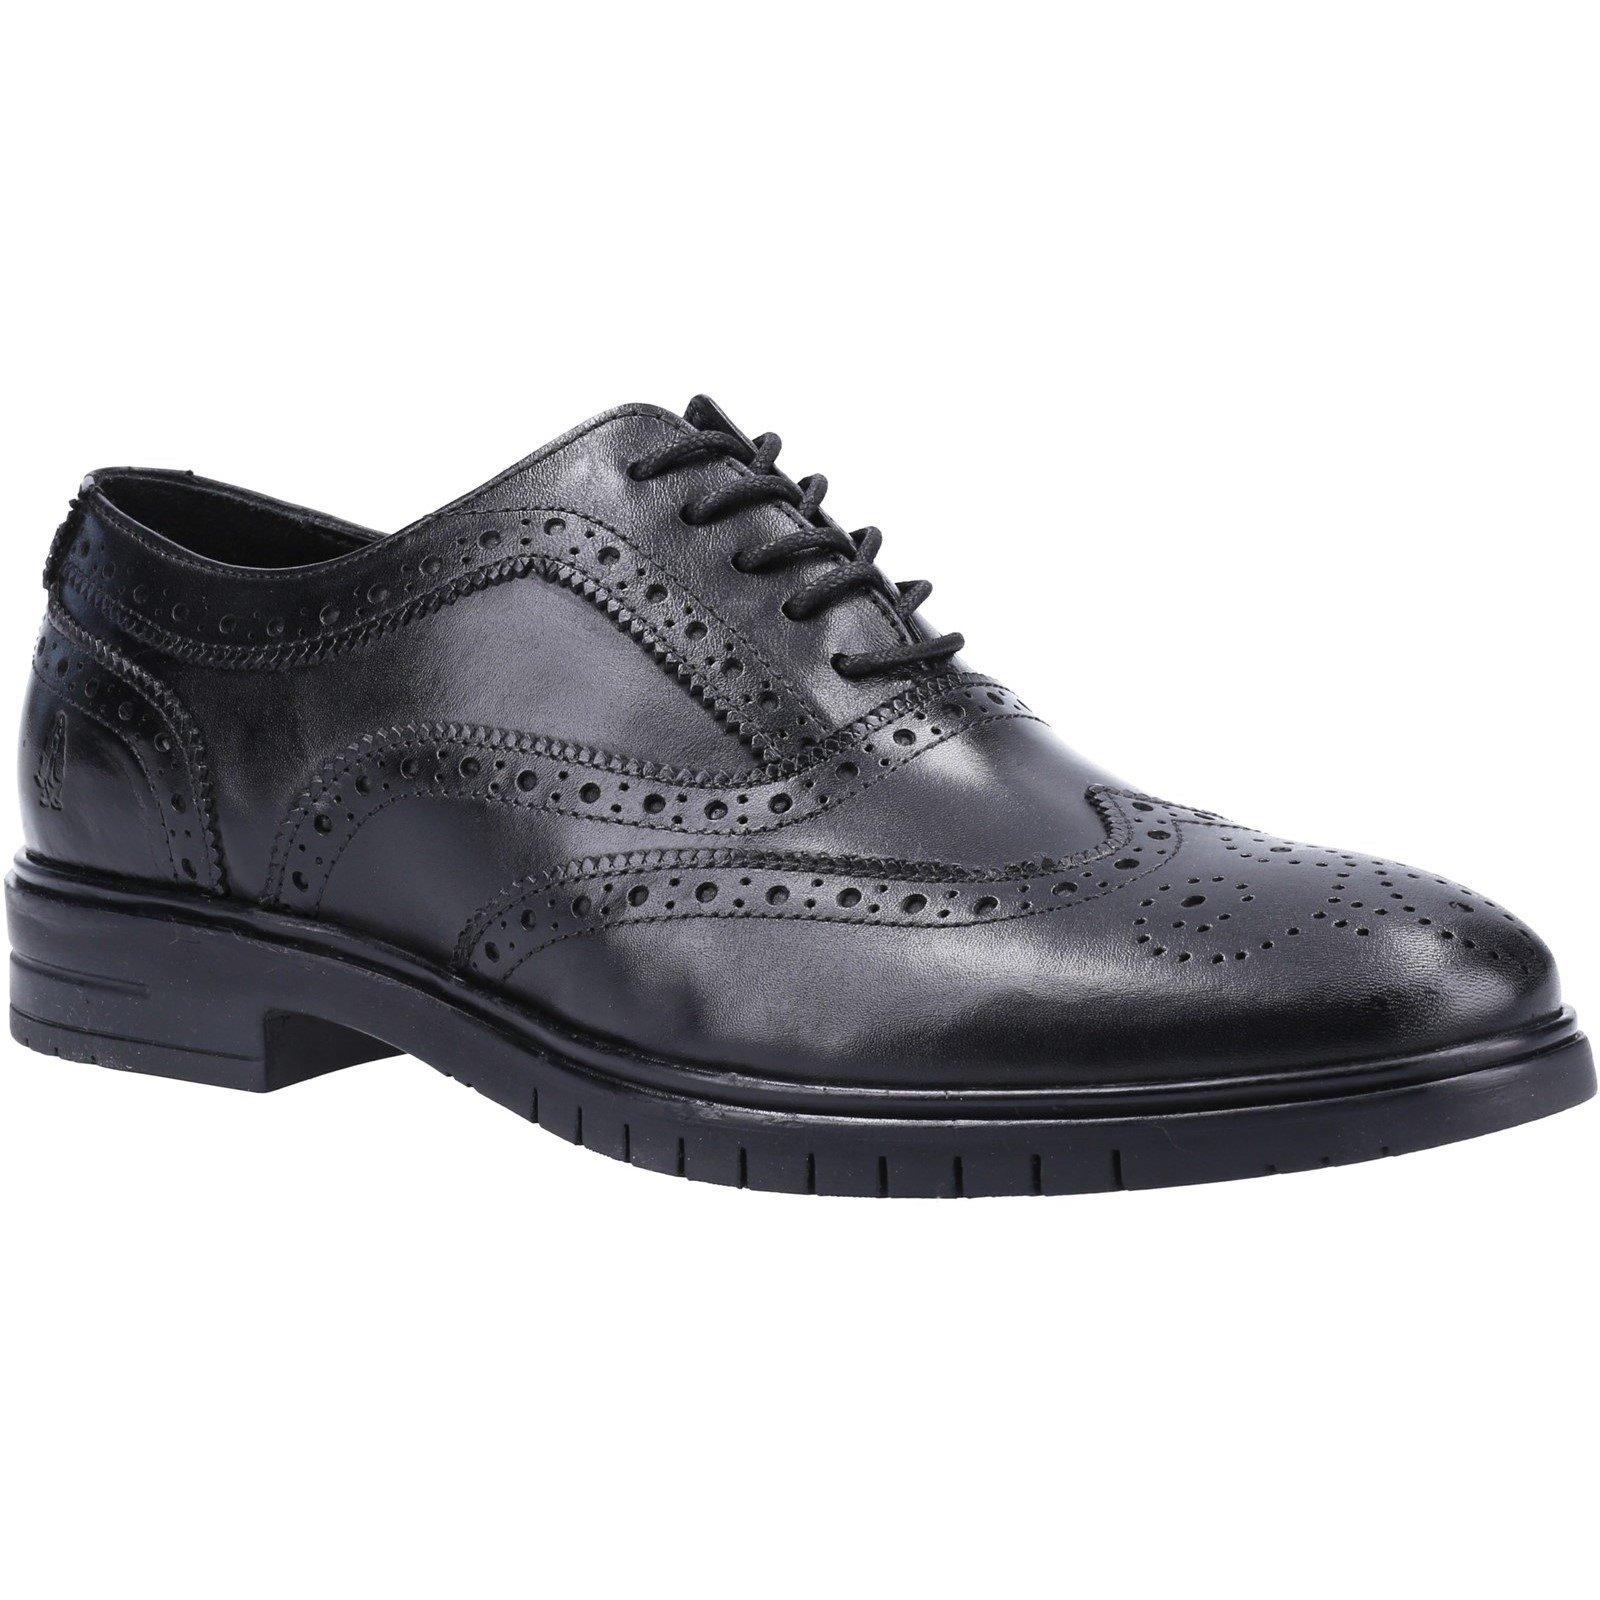 Hush Puppies Men's Santiago Lace Brogue Shoe Black 31989 - Black 6